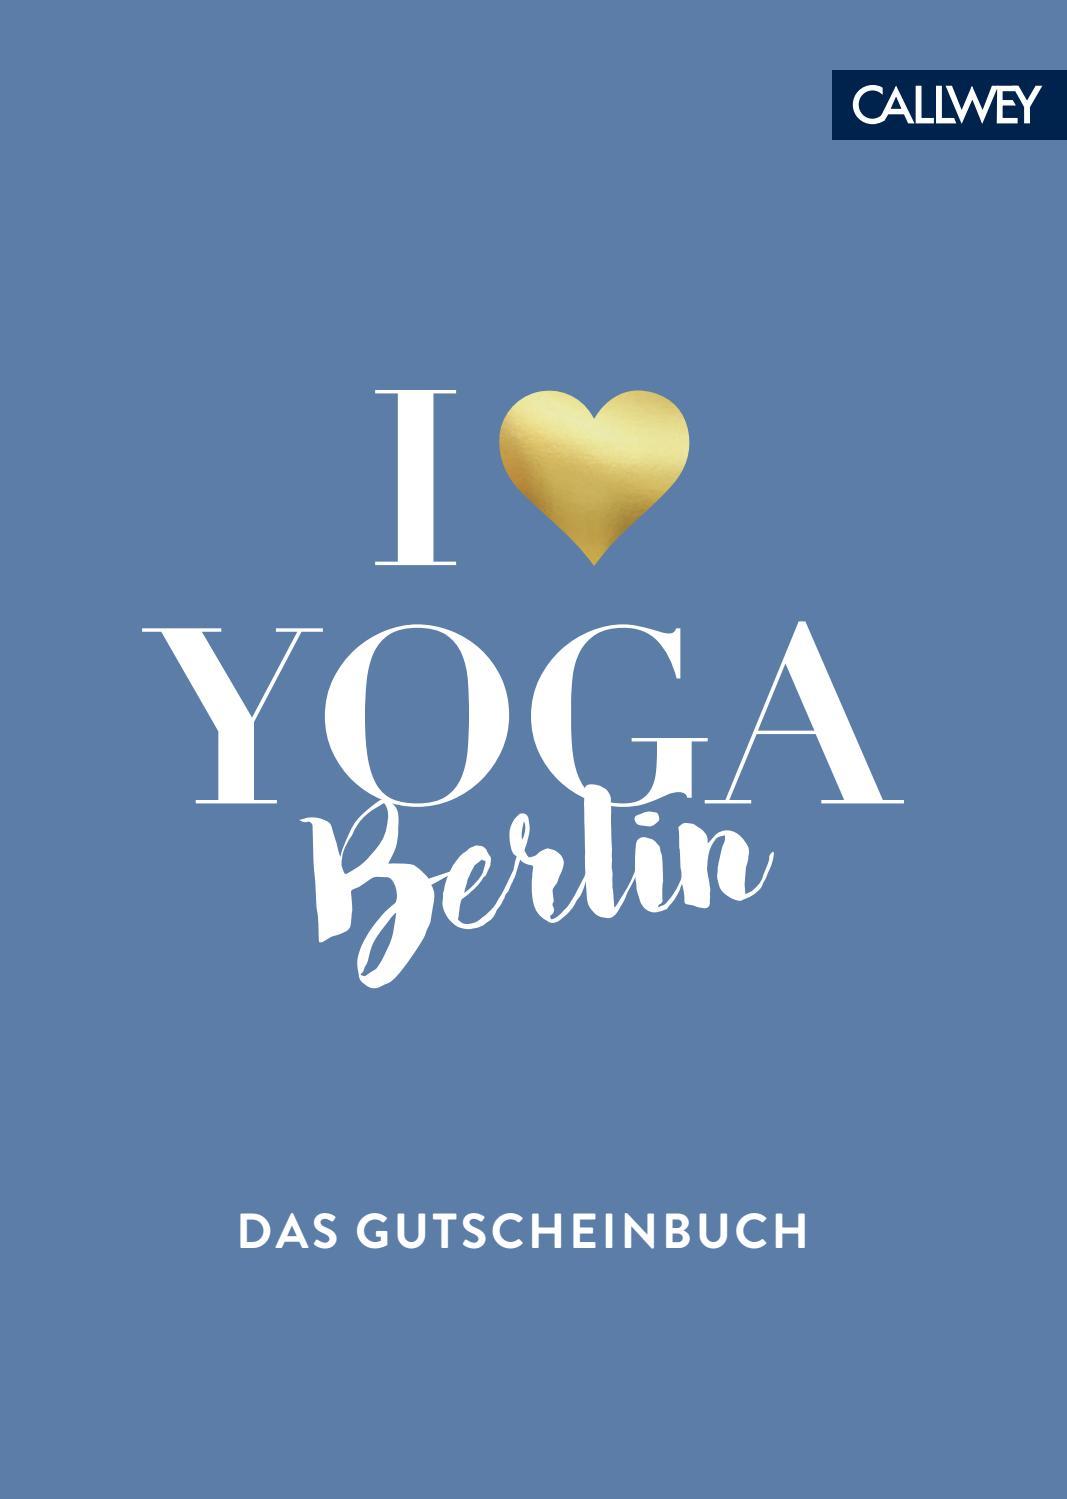 I Love Yoga Berlin By Callwey Gmbh Issuu